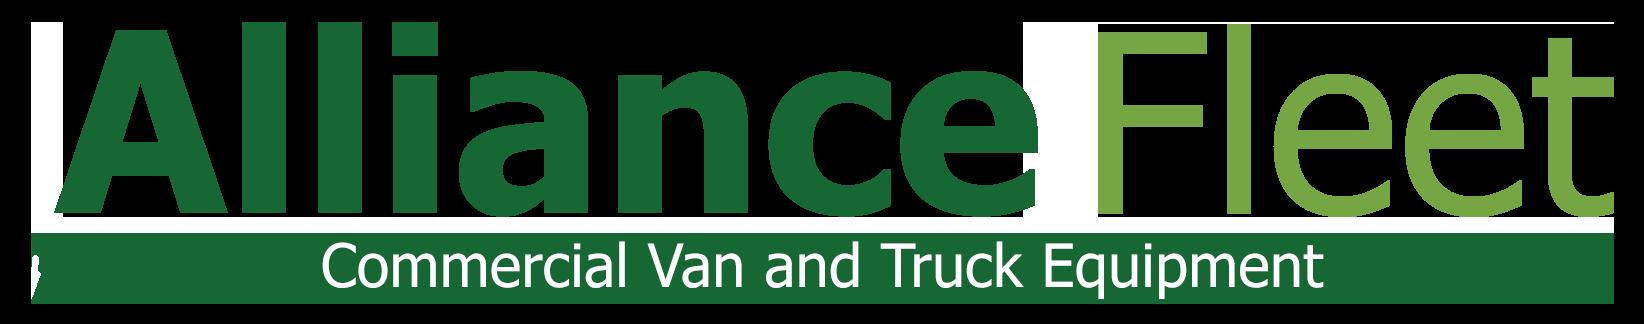 alliance outdoor lighting wiring diagram commercial van and truck equipment alliance fleet  commercial van and truck equipment